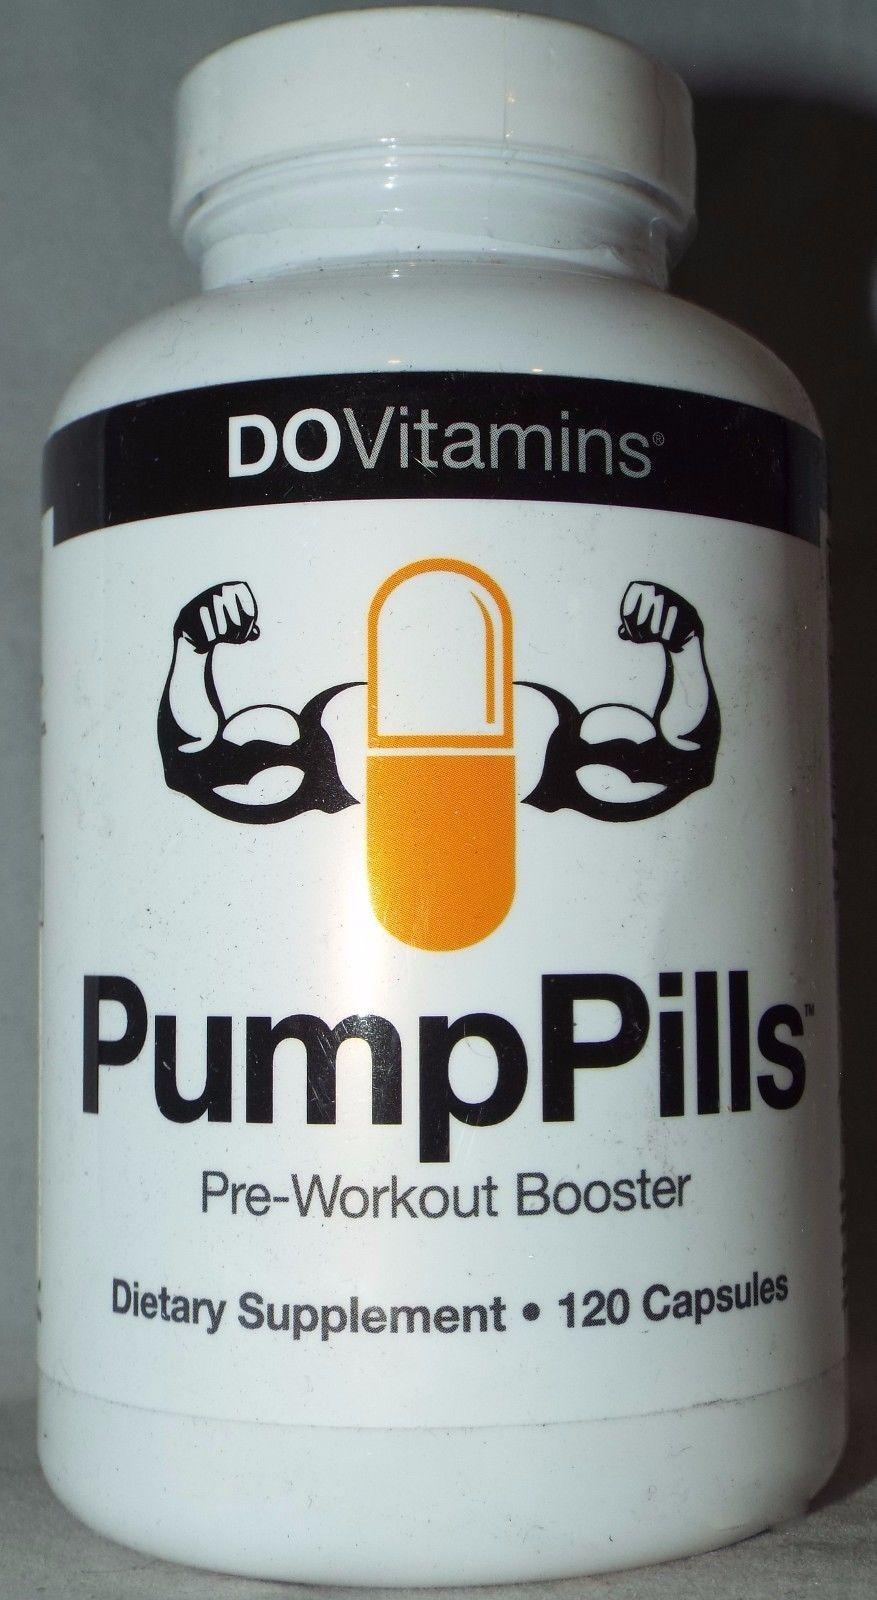 Pump Pills / Pre-Workout Booster & Dietary